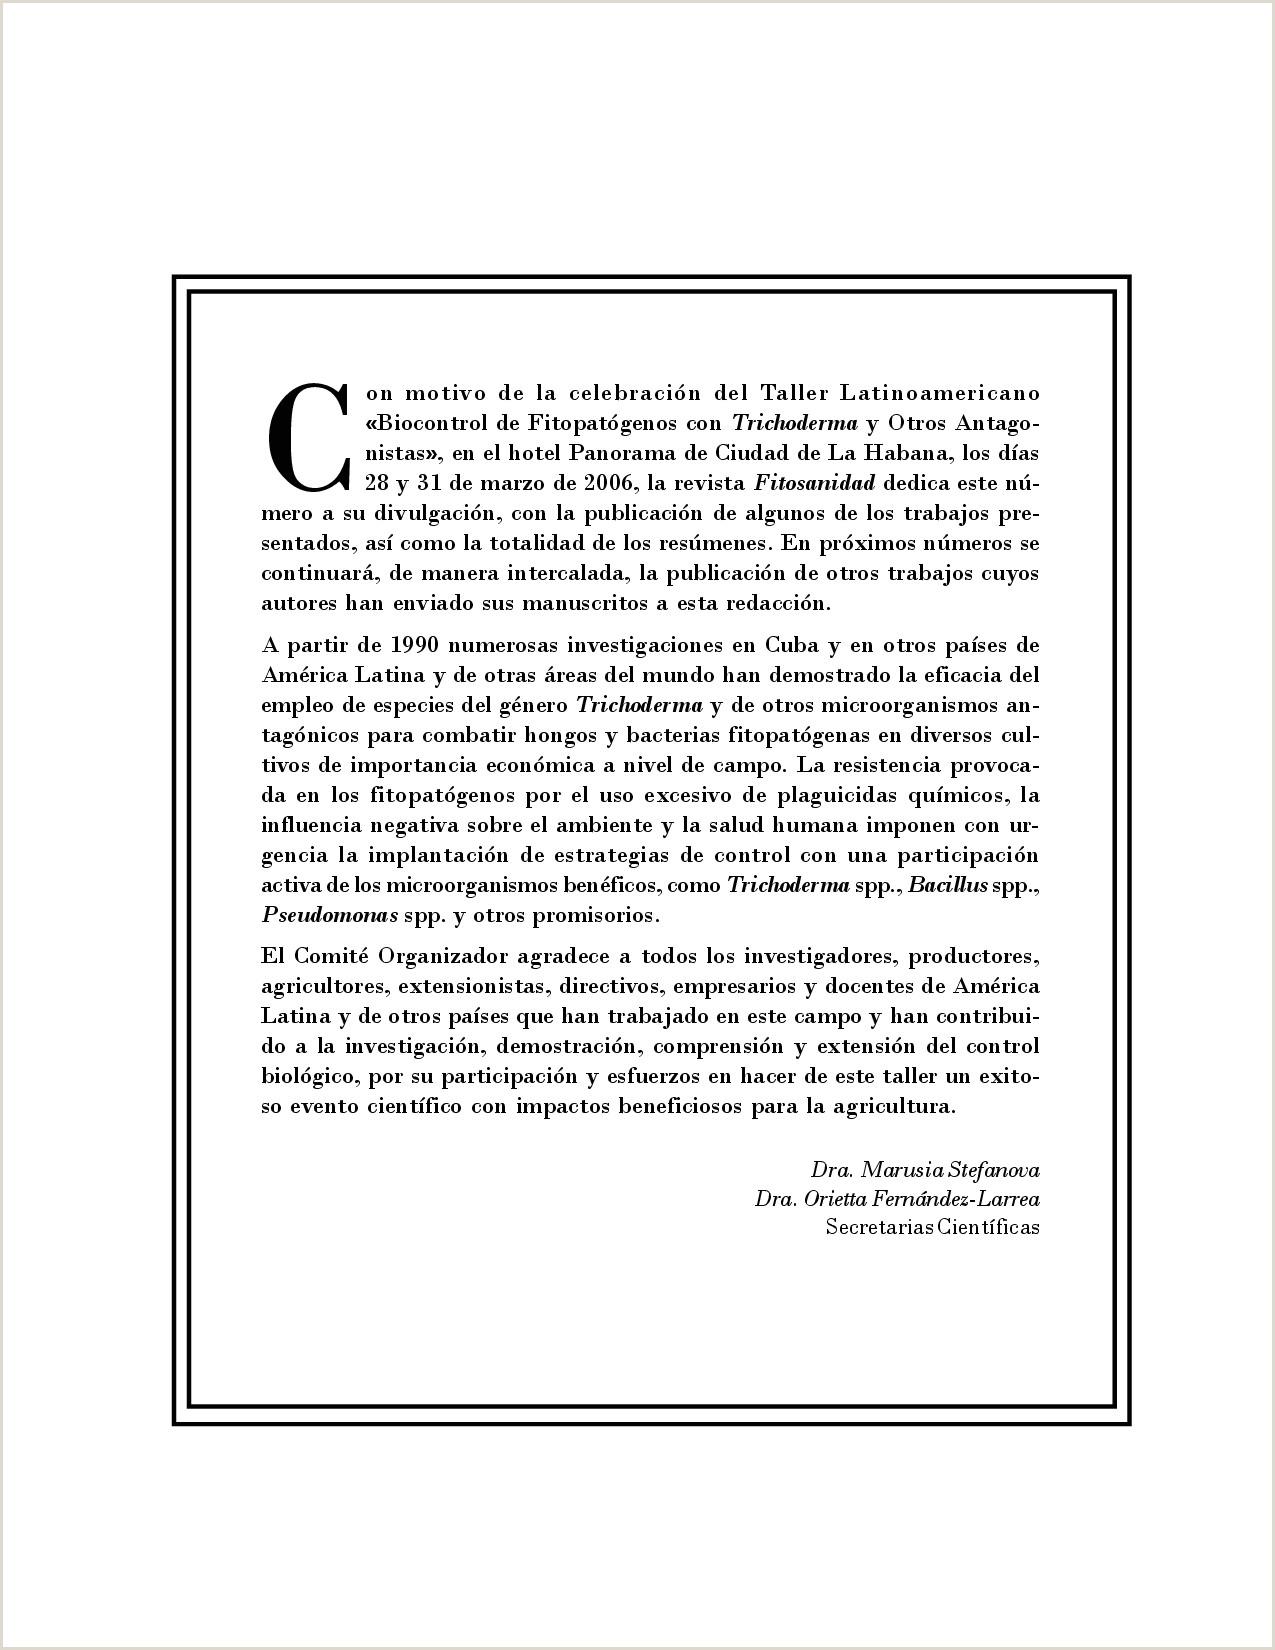 Revista2 06 revista sobre Biocontrol de Fitopat³genos con